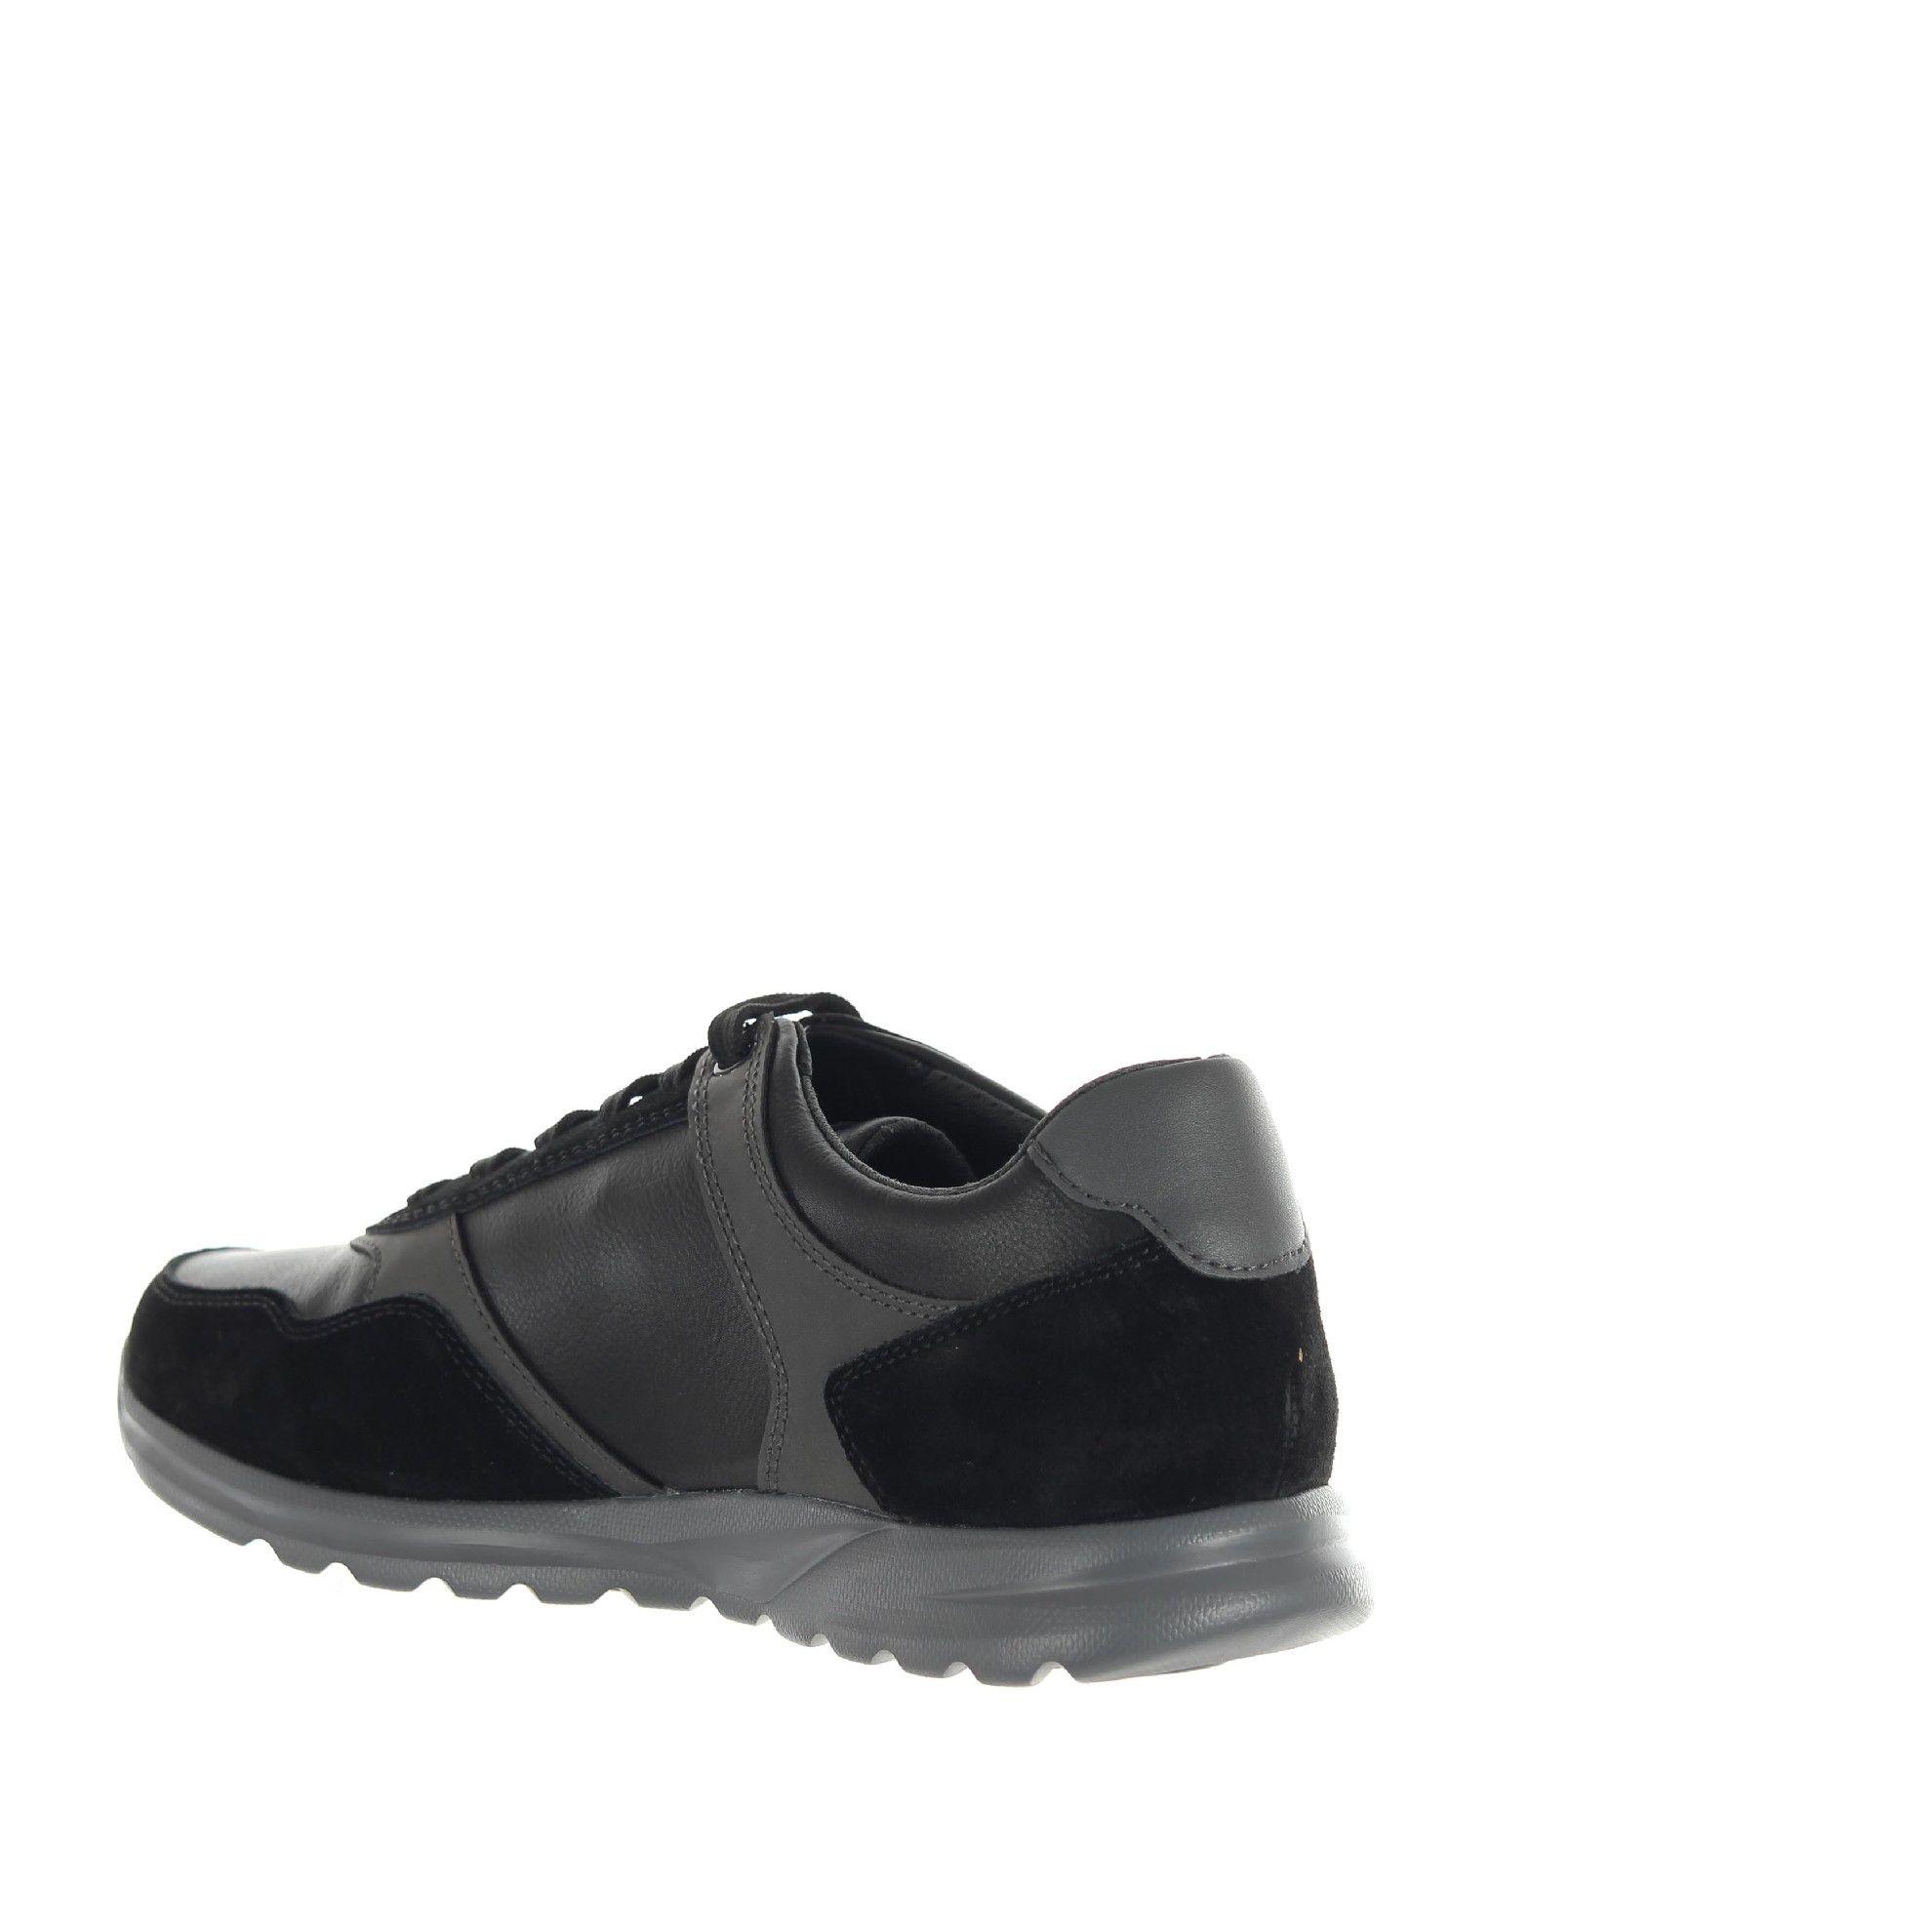 Sneaker damian a in pelle martellata